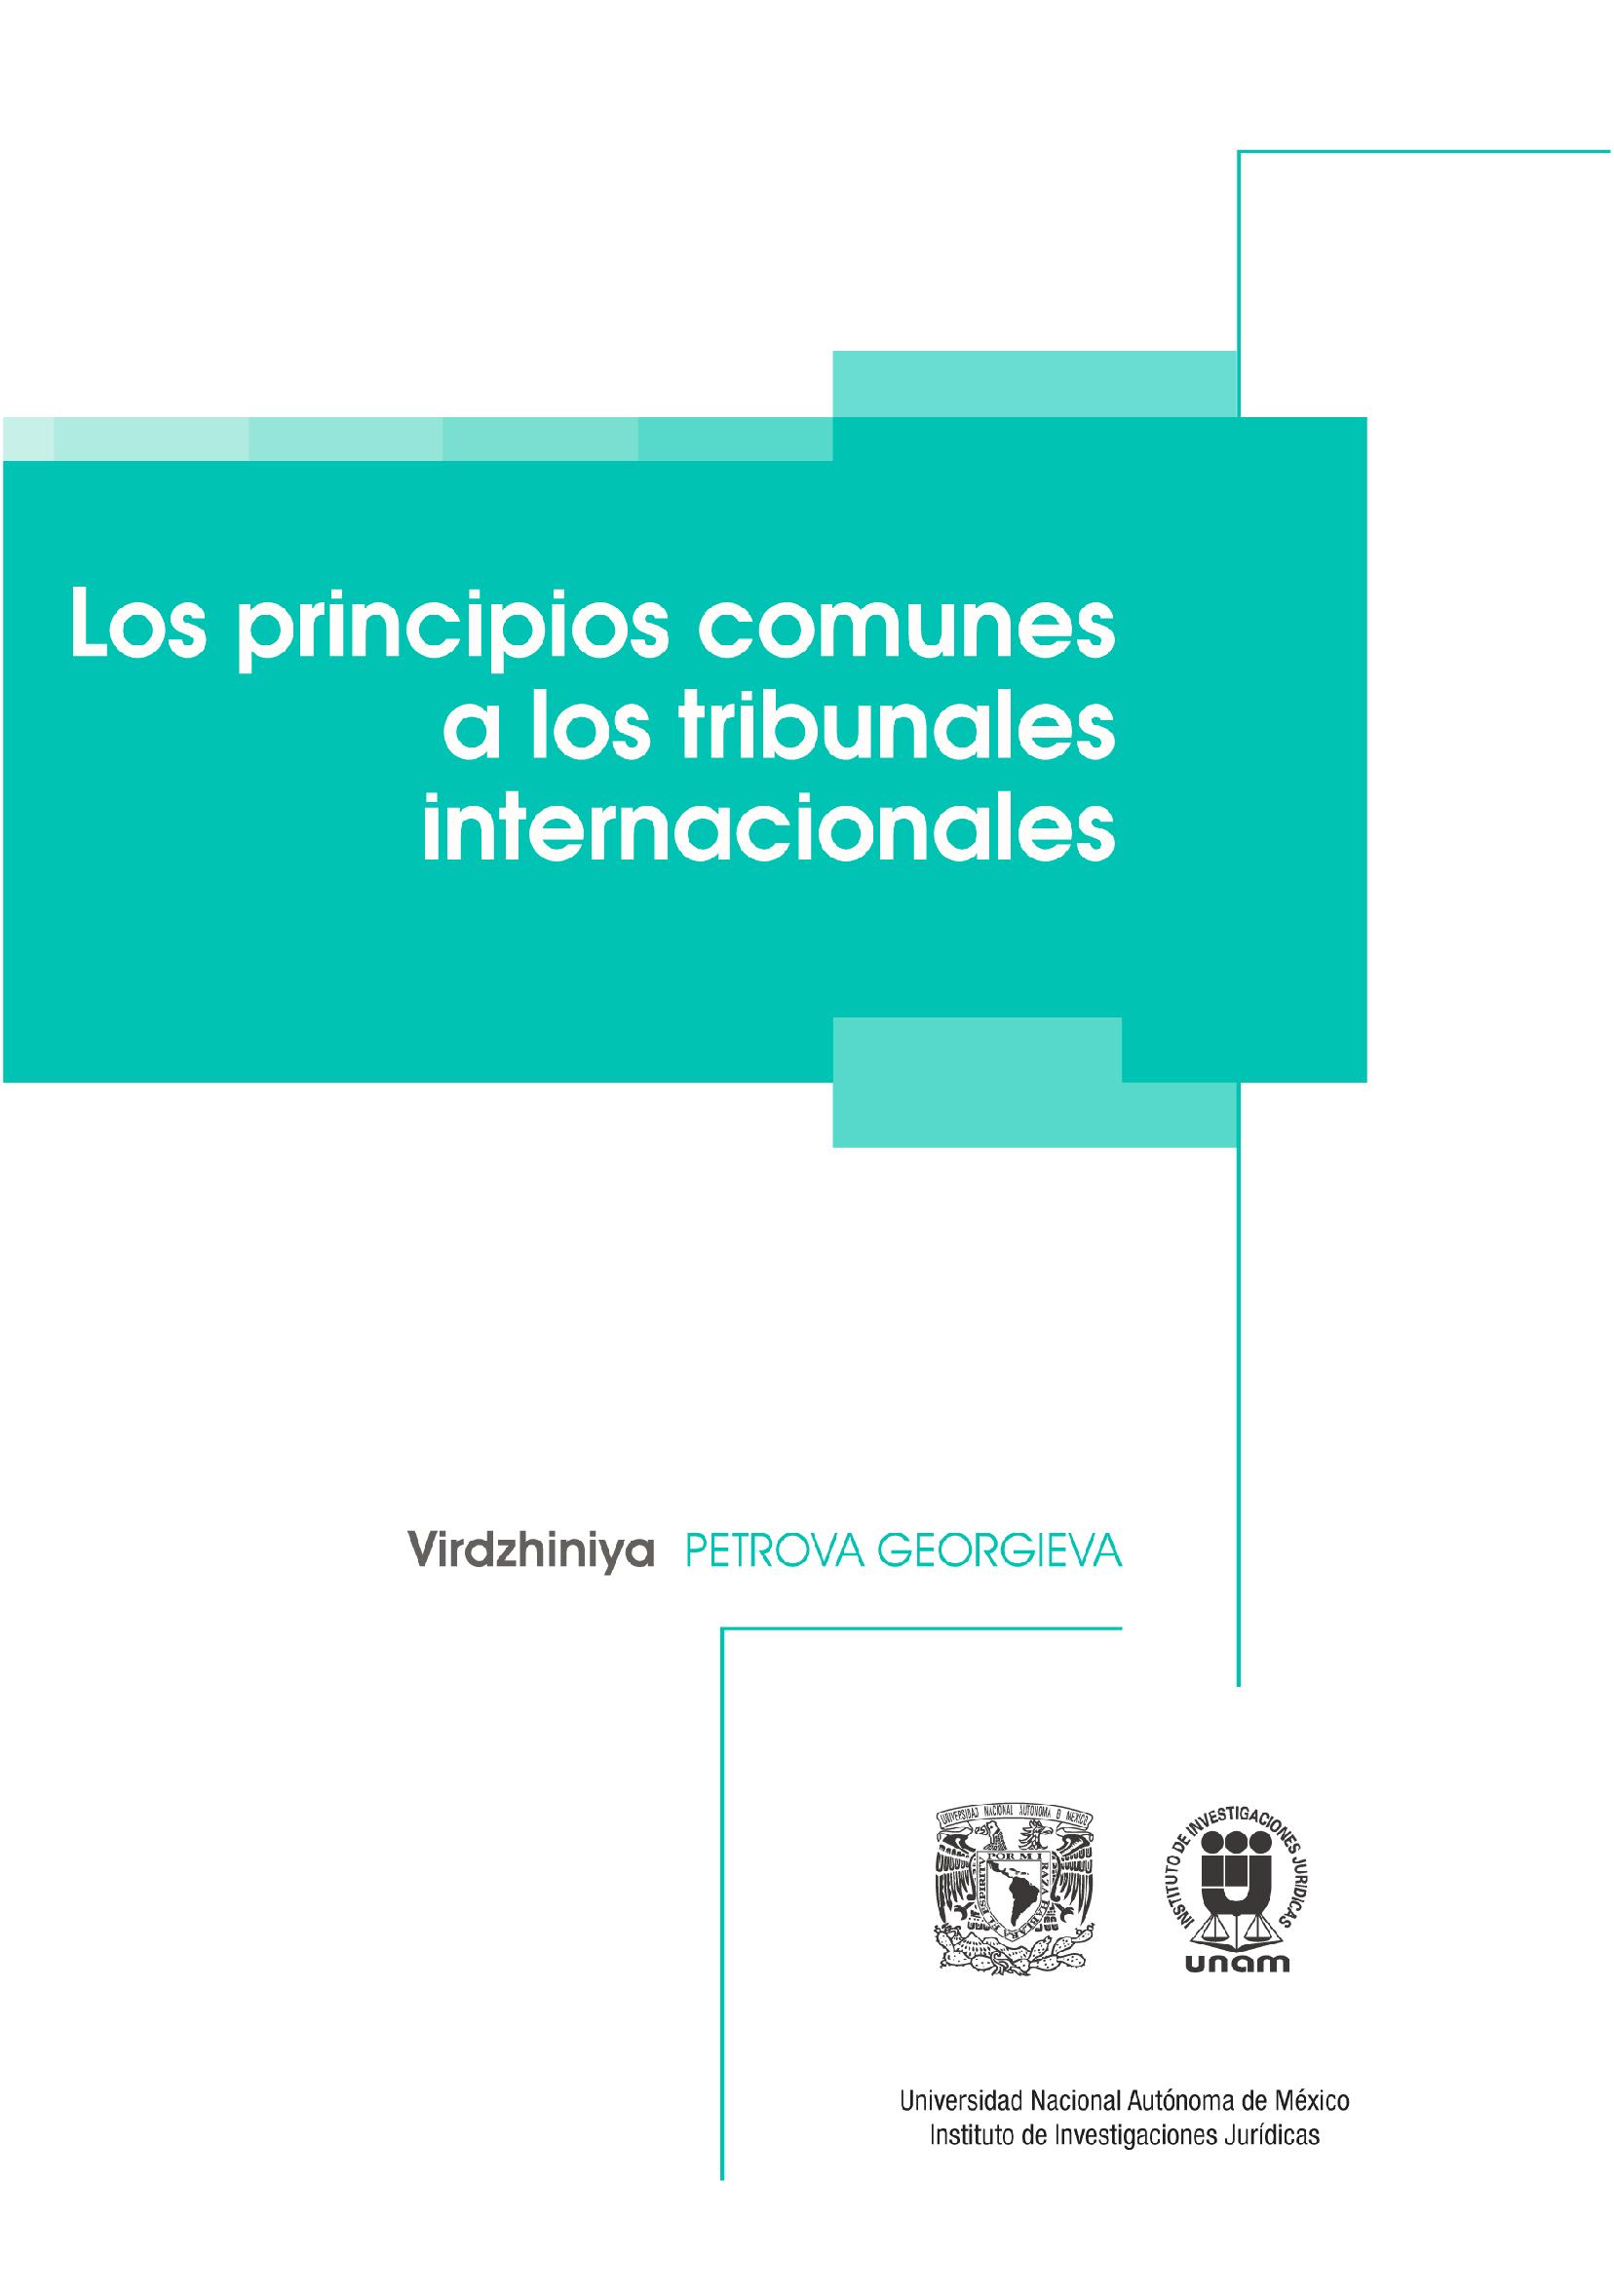 Los principios comunes a los tribunales internacionales